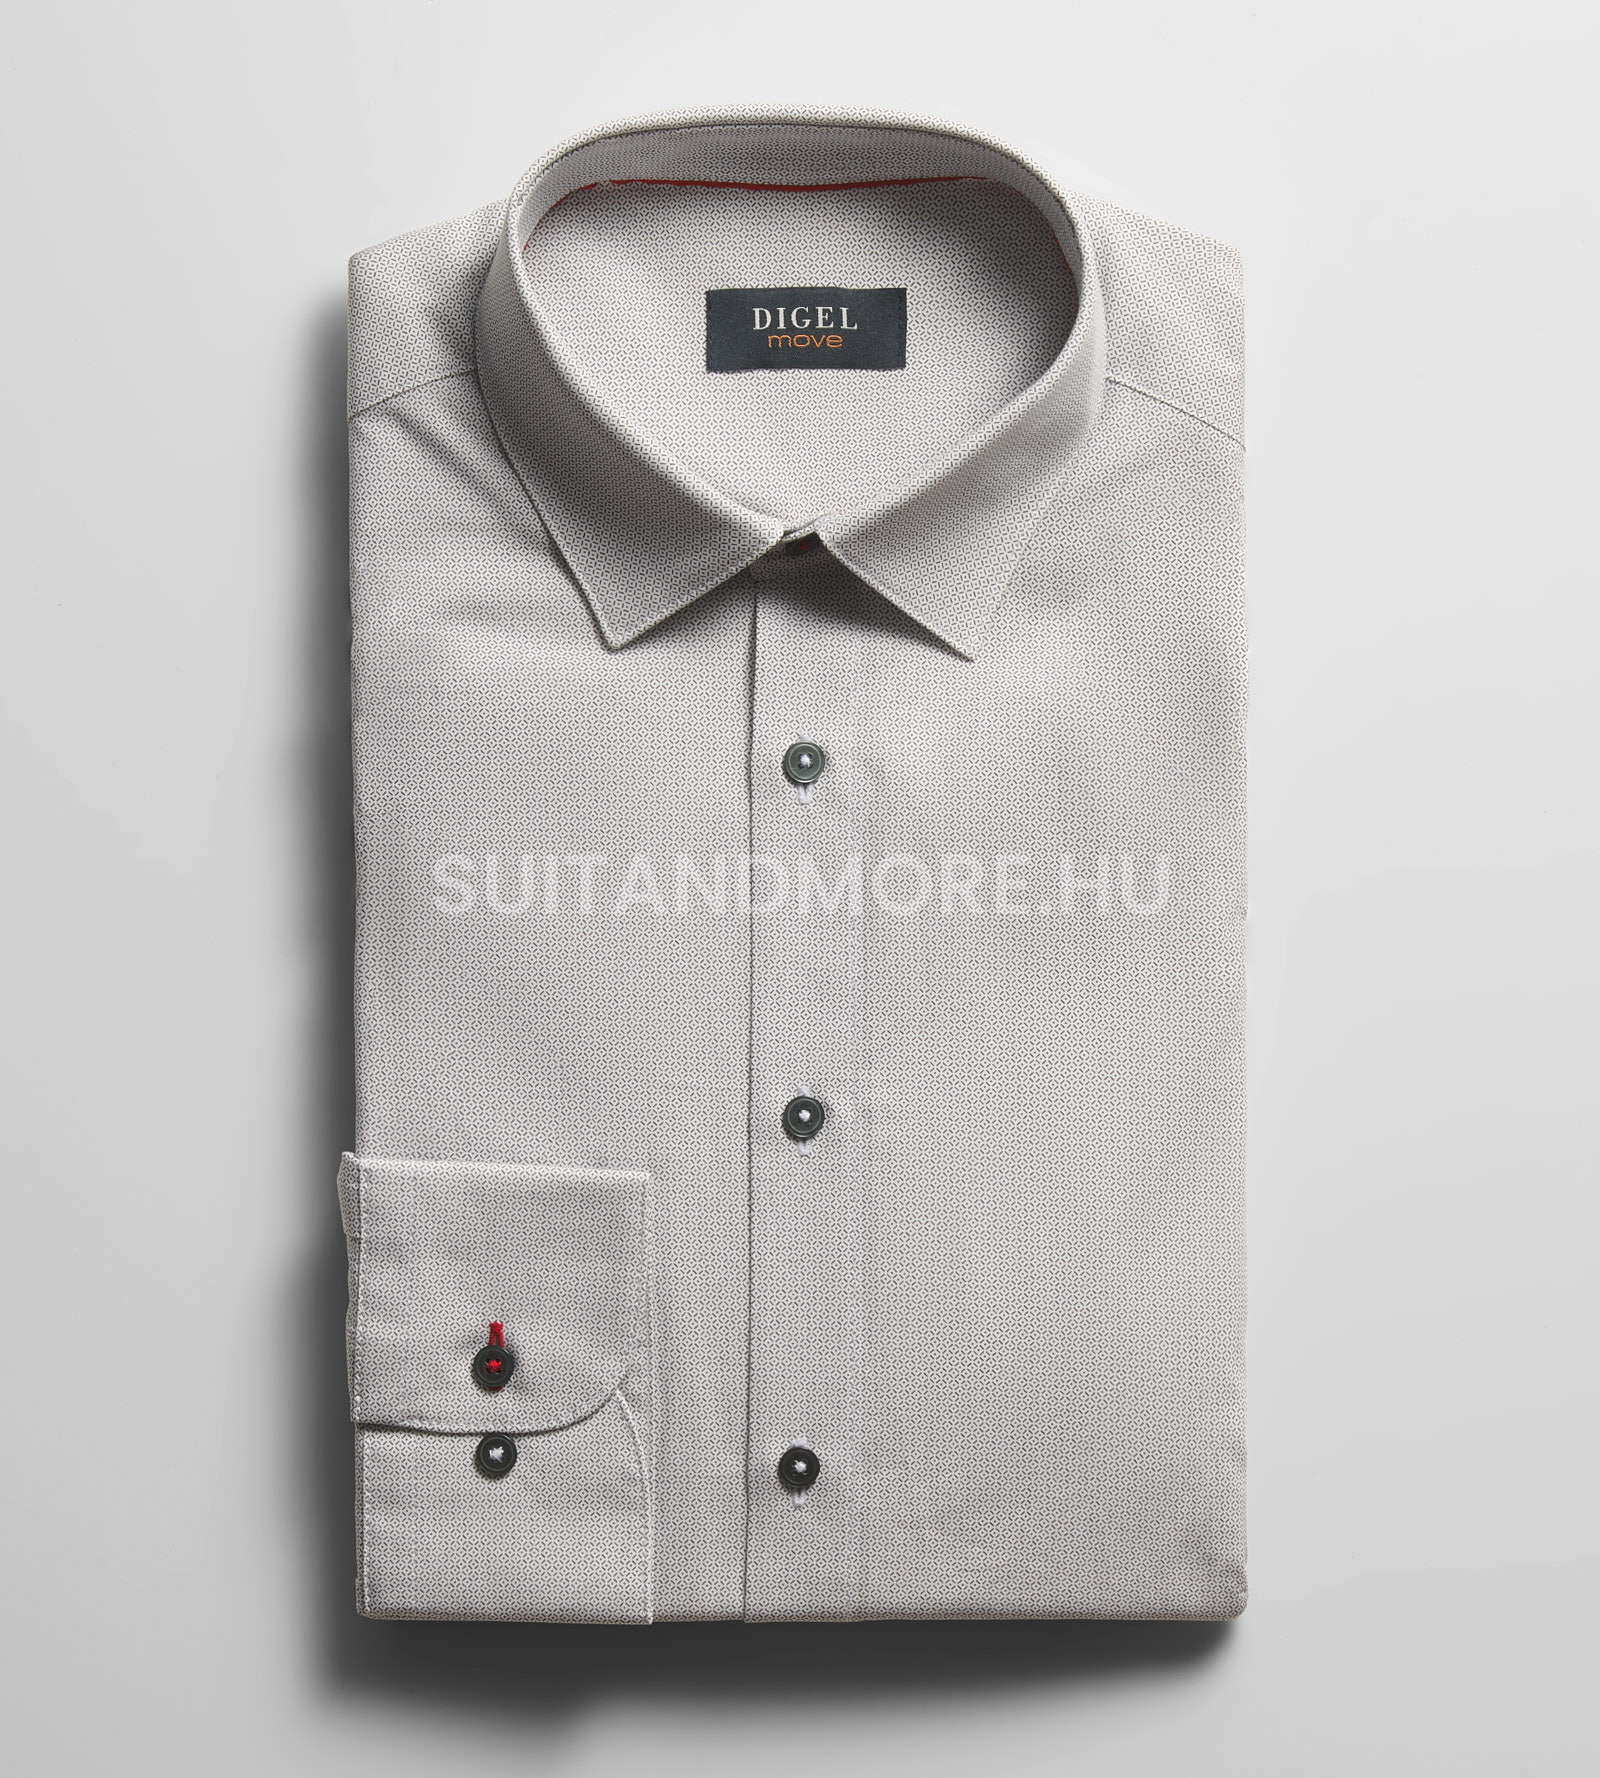 digel-szurke-slim-fit-nyomott-mintas-ing-aurel1-1-1267062-40